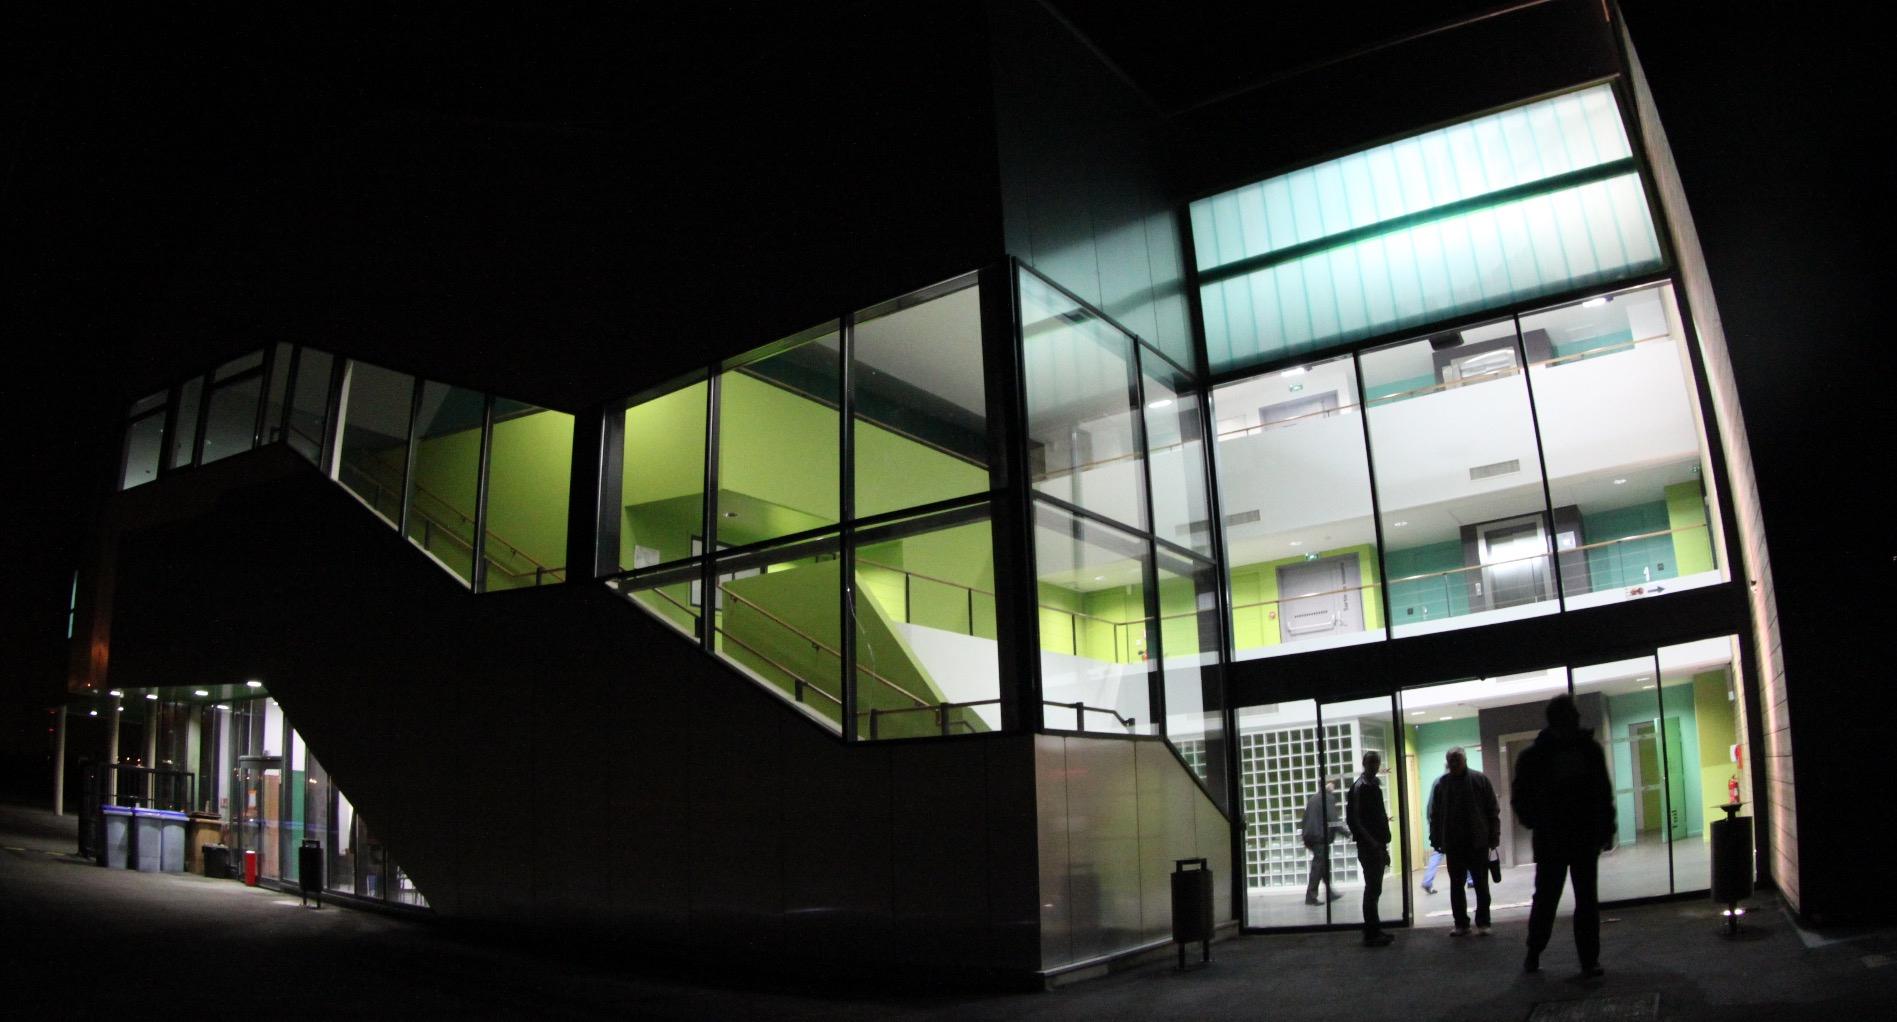 Horaires Et Tarifs De La Piscine Leo Lagrange – Mairie De ... tout Piscine Grande Synthe